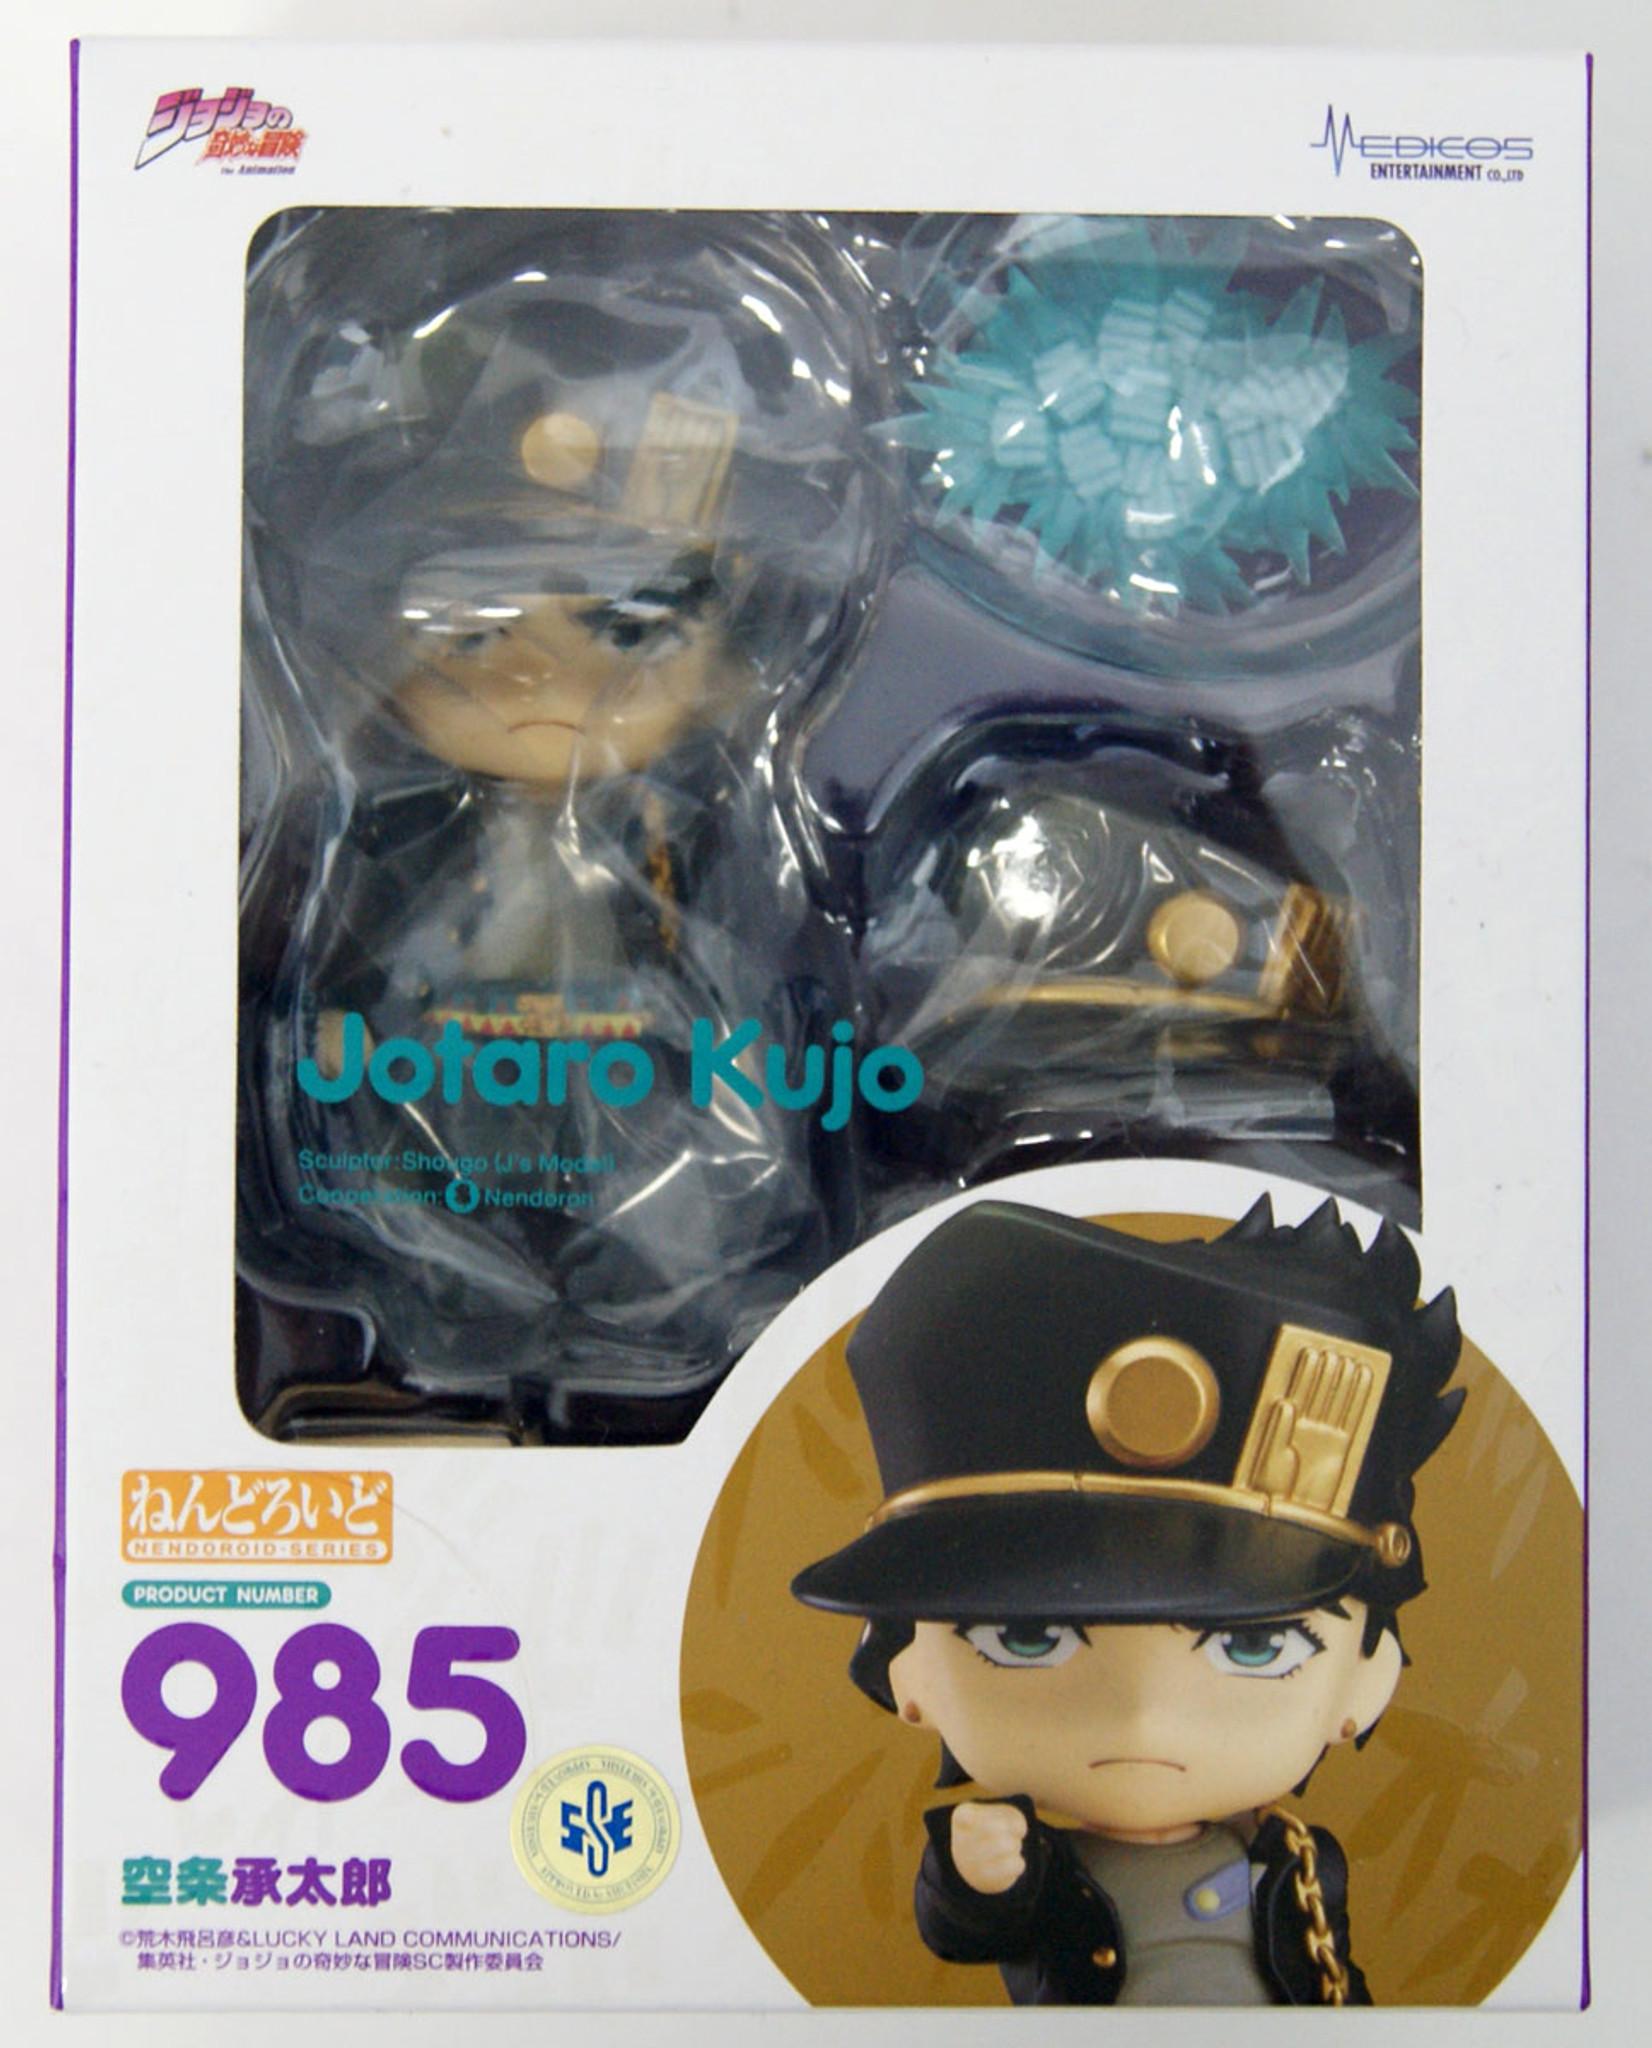 Medicos Nendoroid 985 Jotaro Kujo (JoJo's Bizarre Adventure)